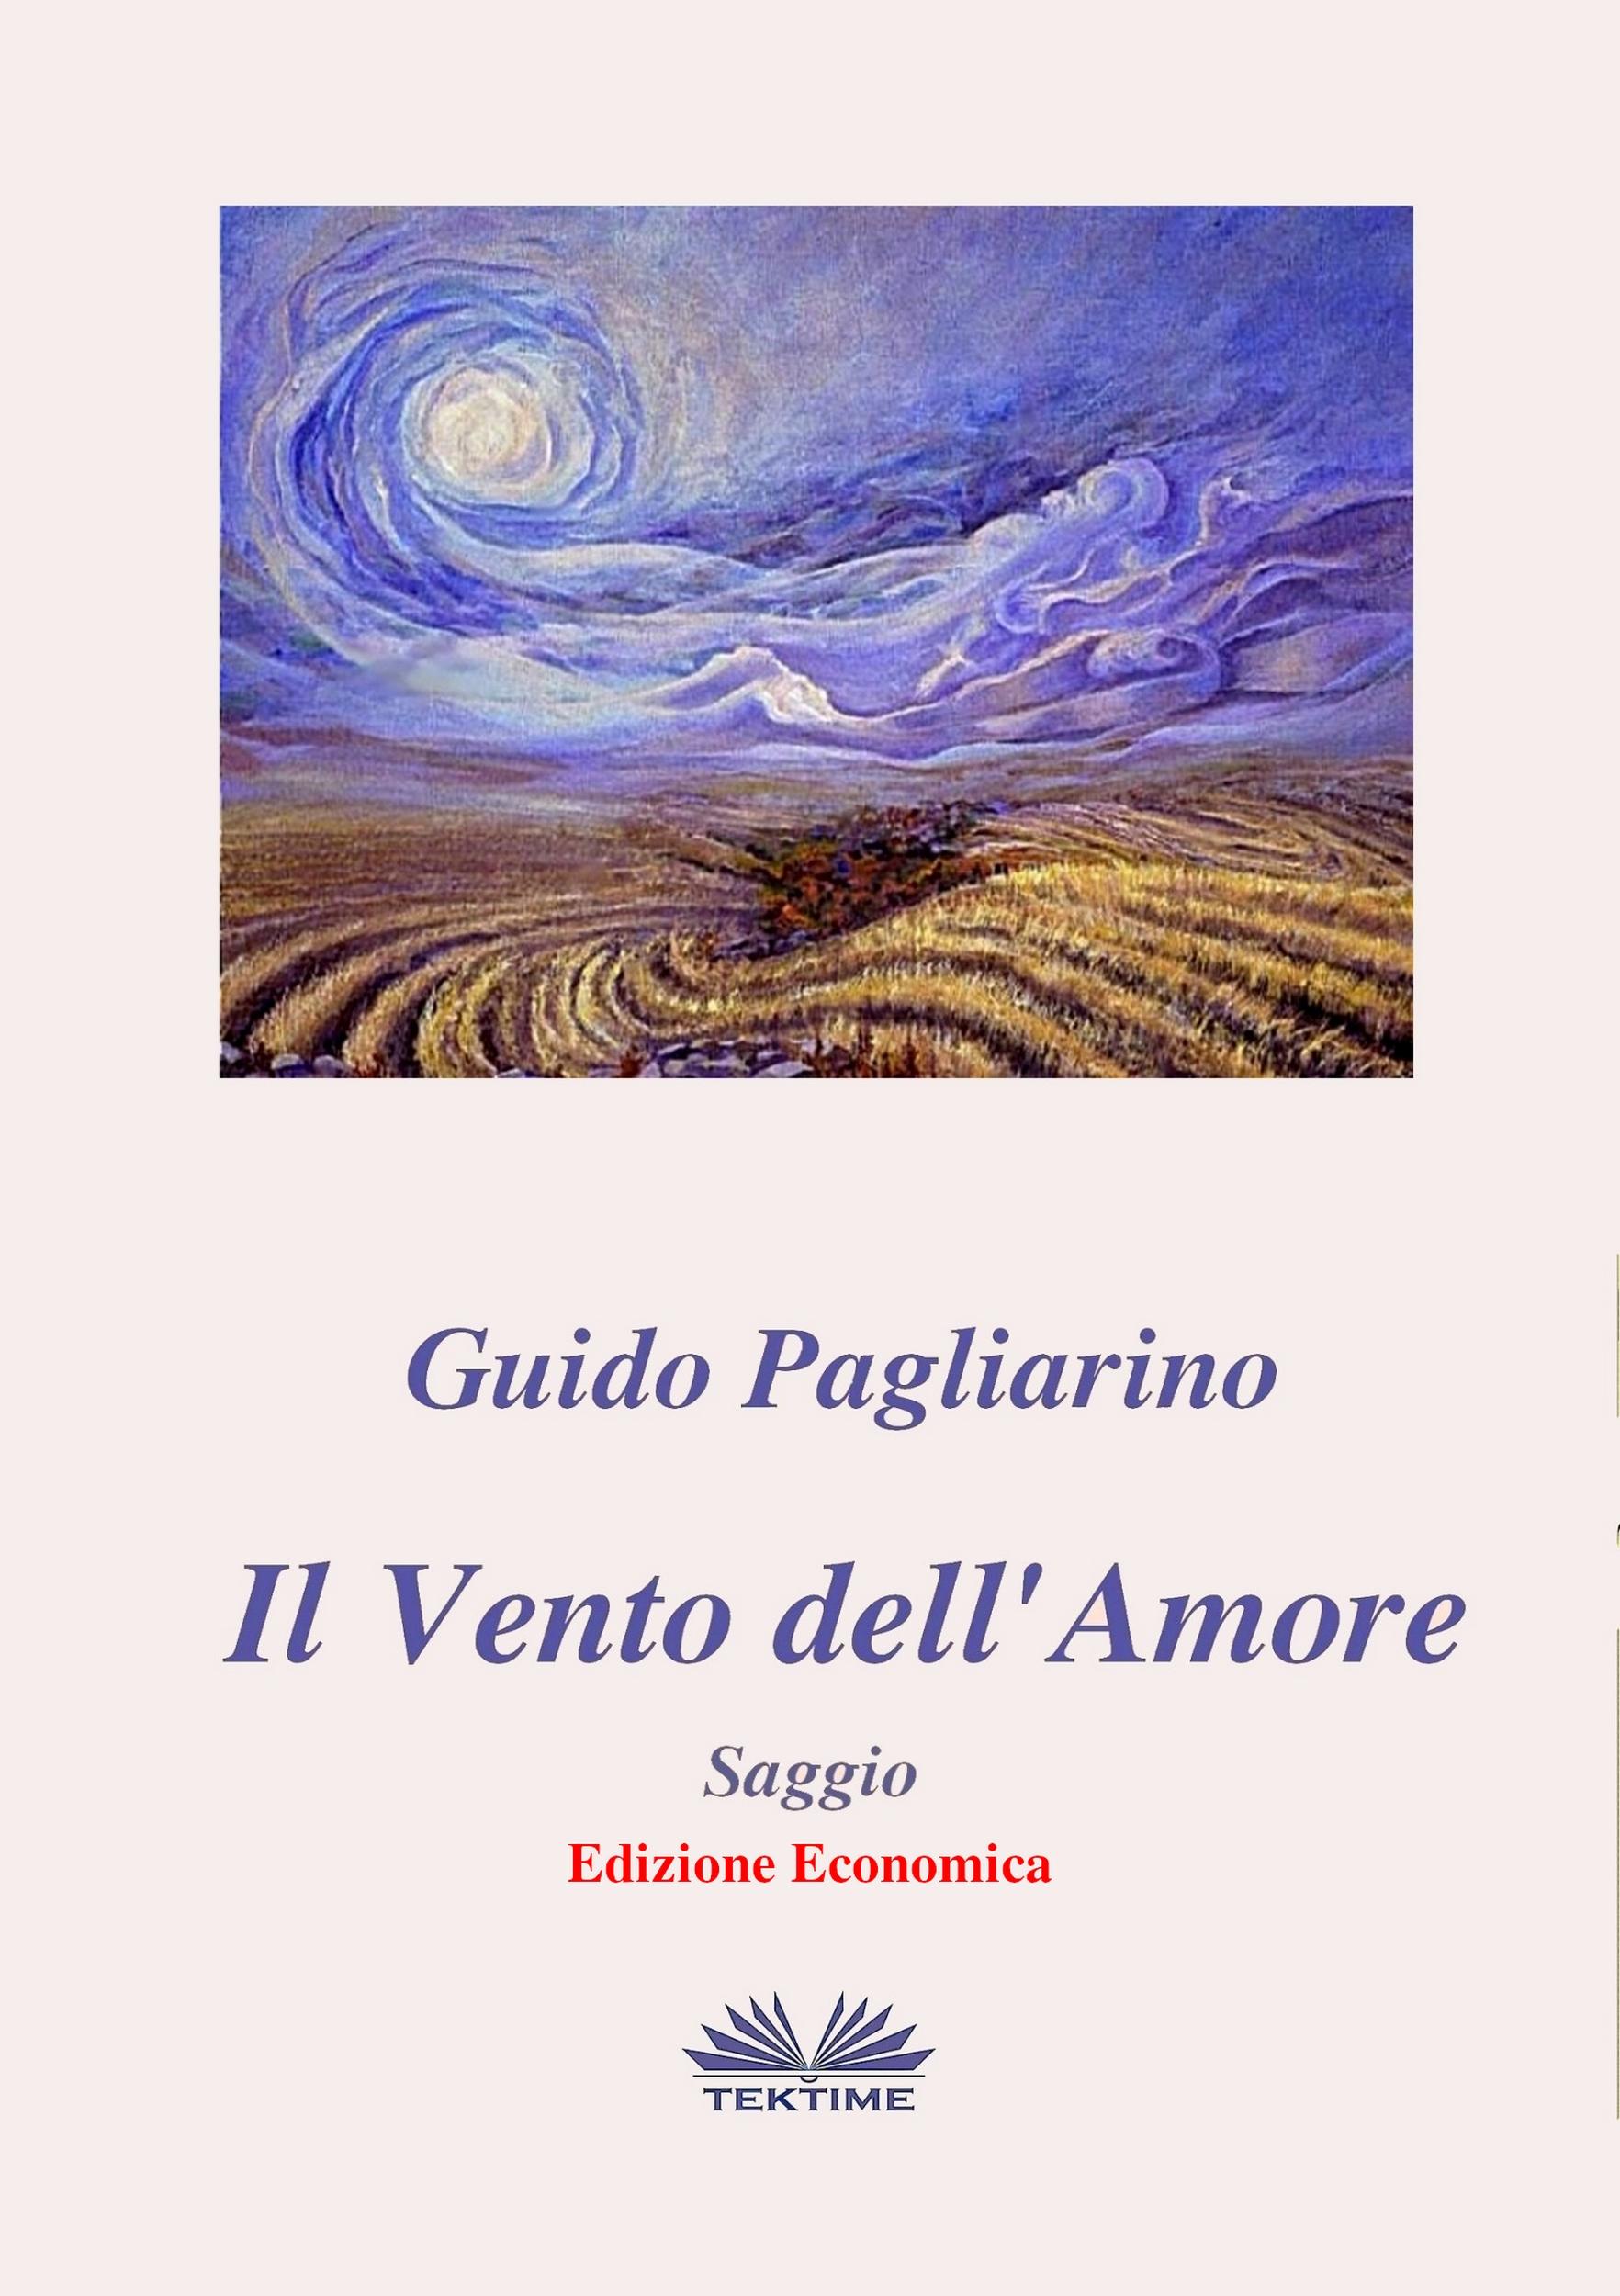 Guido Pagliarino Il Vento Dell'Amore – Saggio guido pagliarino il vero e il verosimile